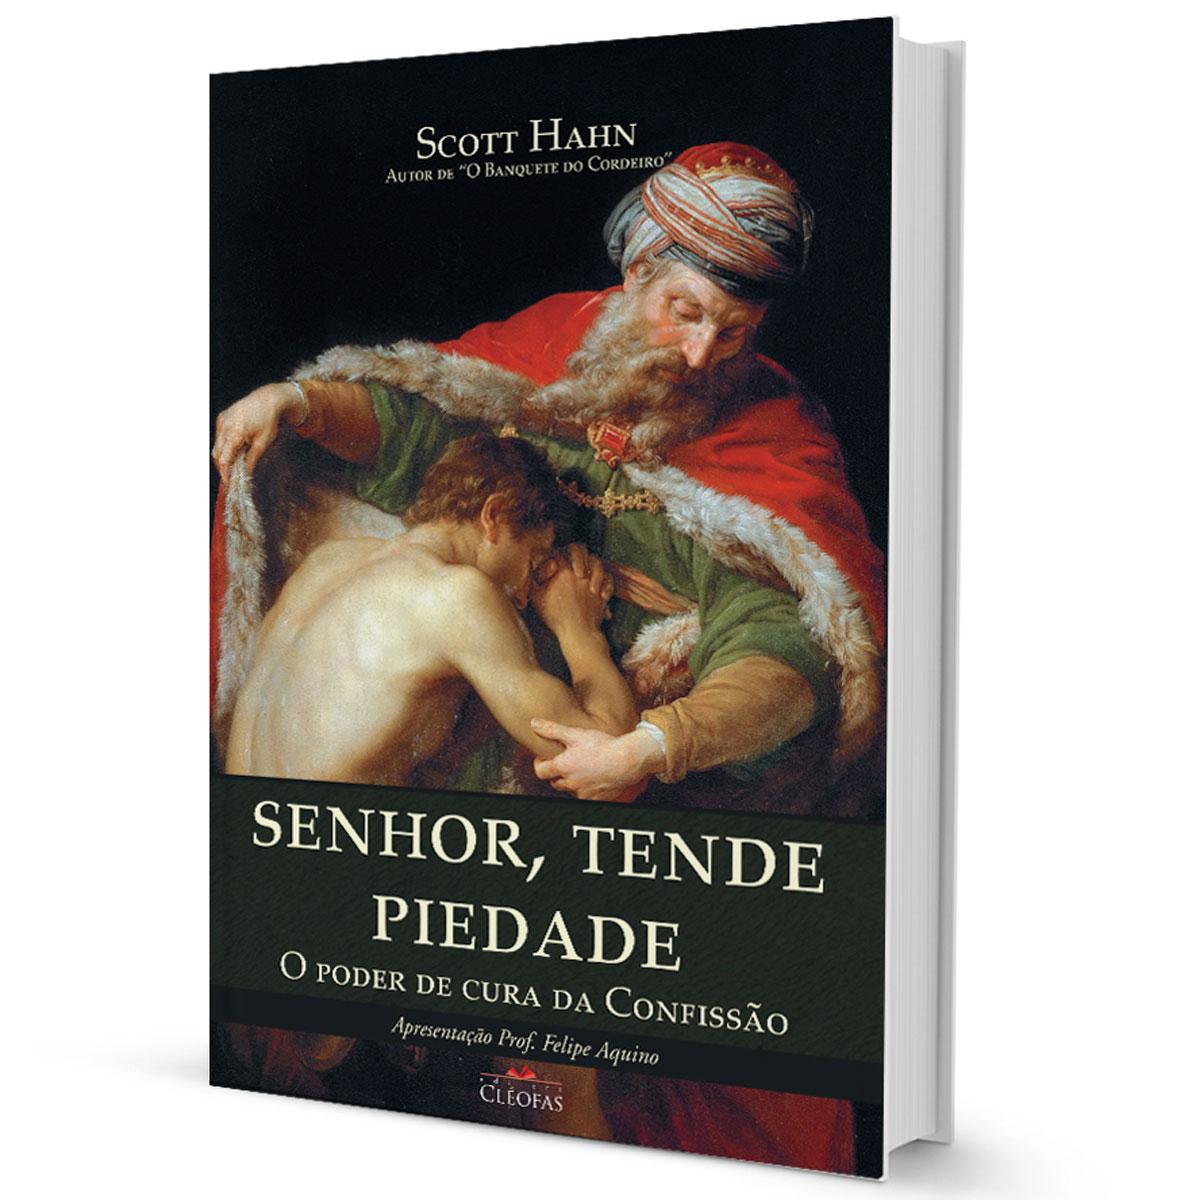 Livro Senhor, Tende Piedade - Scott Hahn